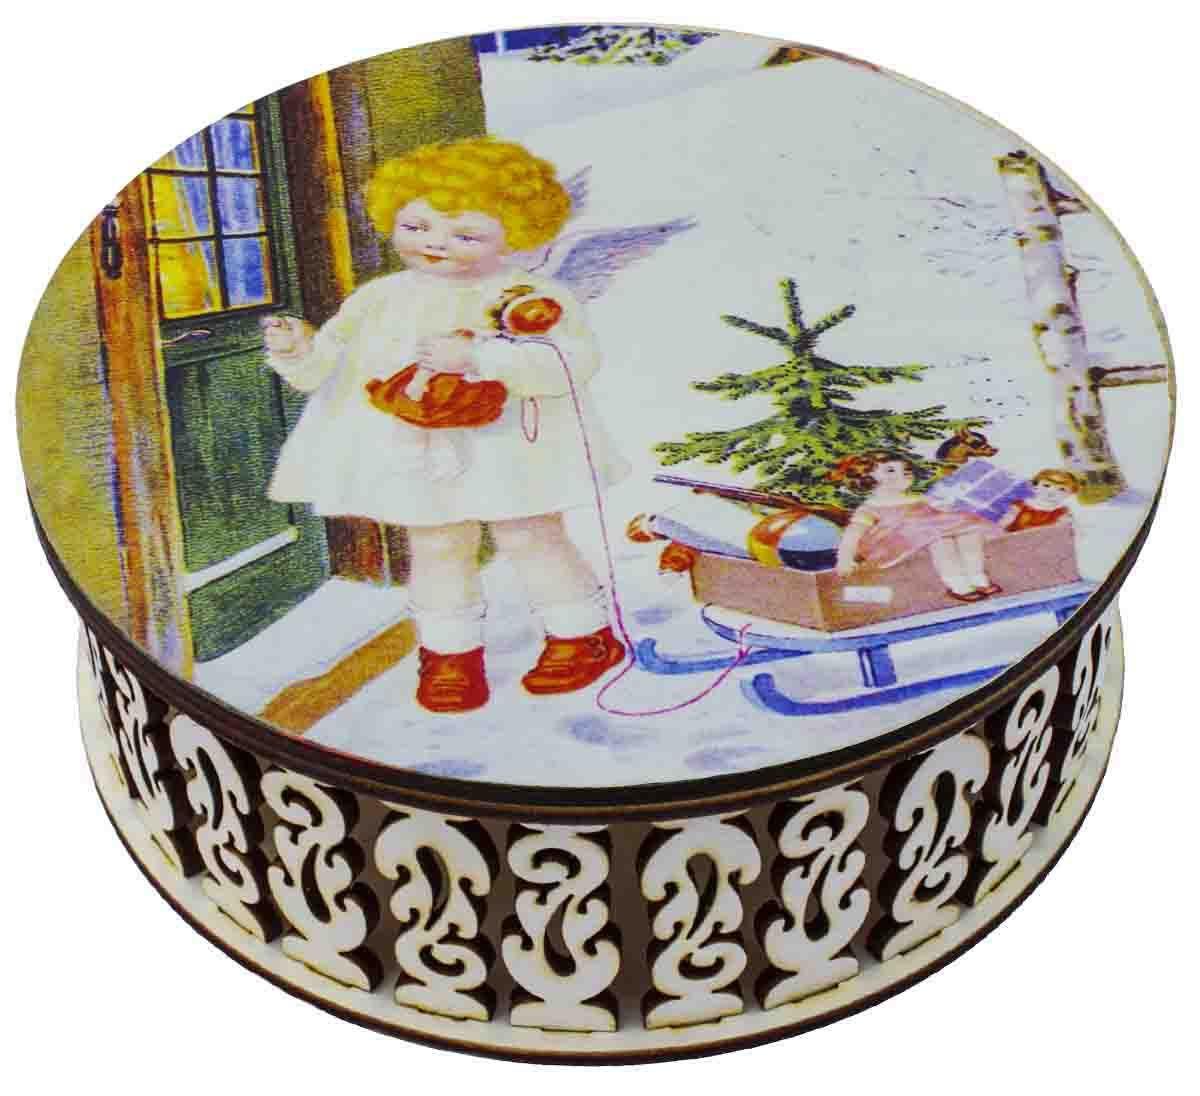 Конфеты в резной деревянной шкатулке Кремлина Ангел чернослив шоколадный, 400 г кремлина гагарин ю а чернослив шоколадный с грецким орехом конфеты 150 г